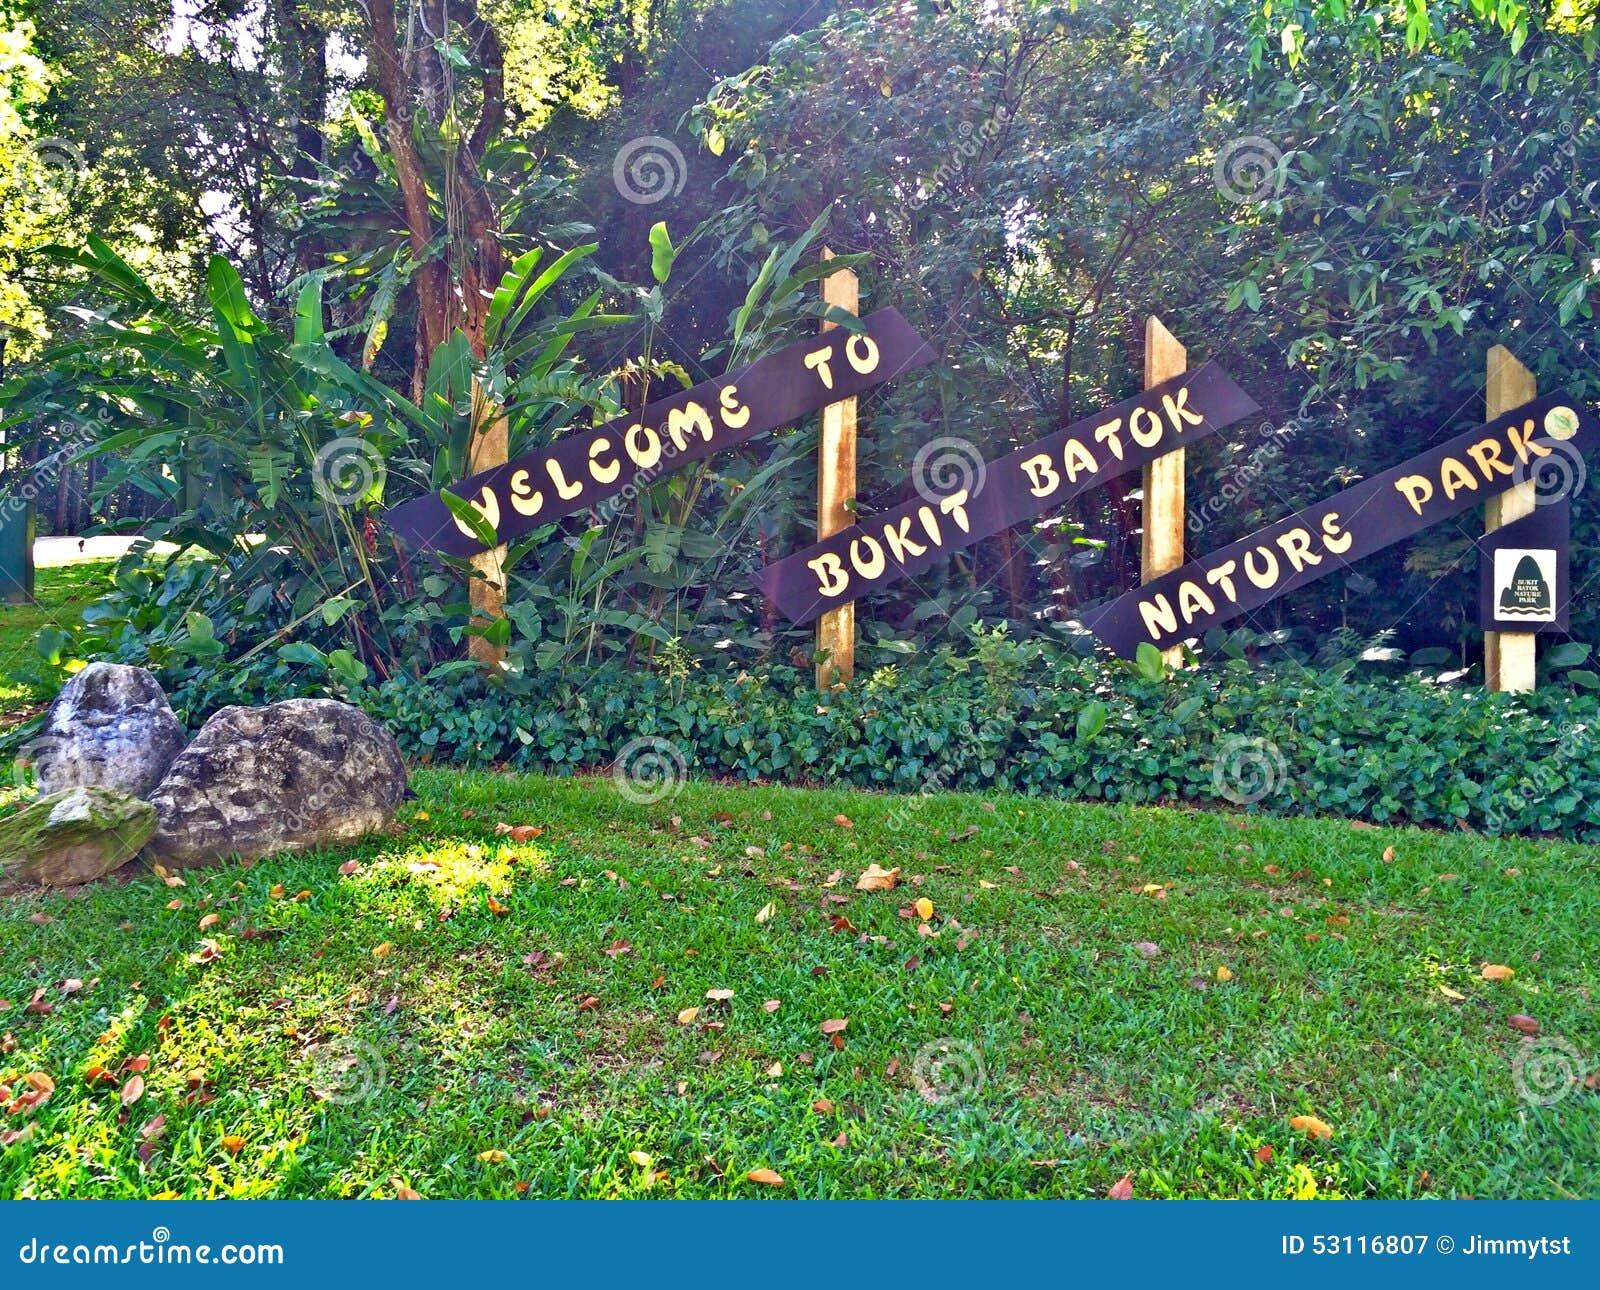 Bukit Batok Nature Park Map